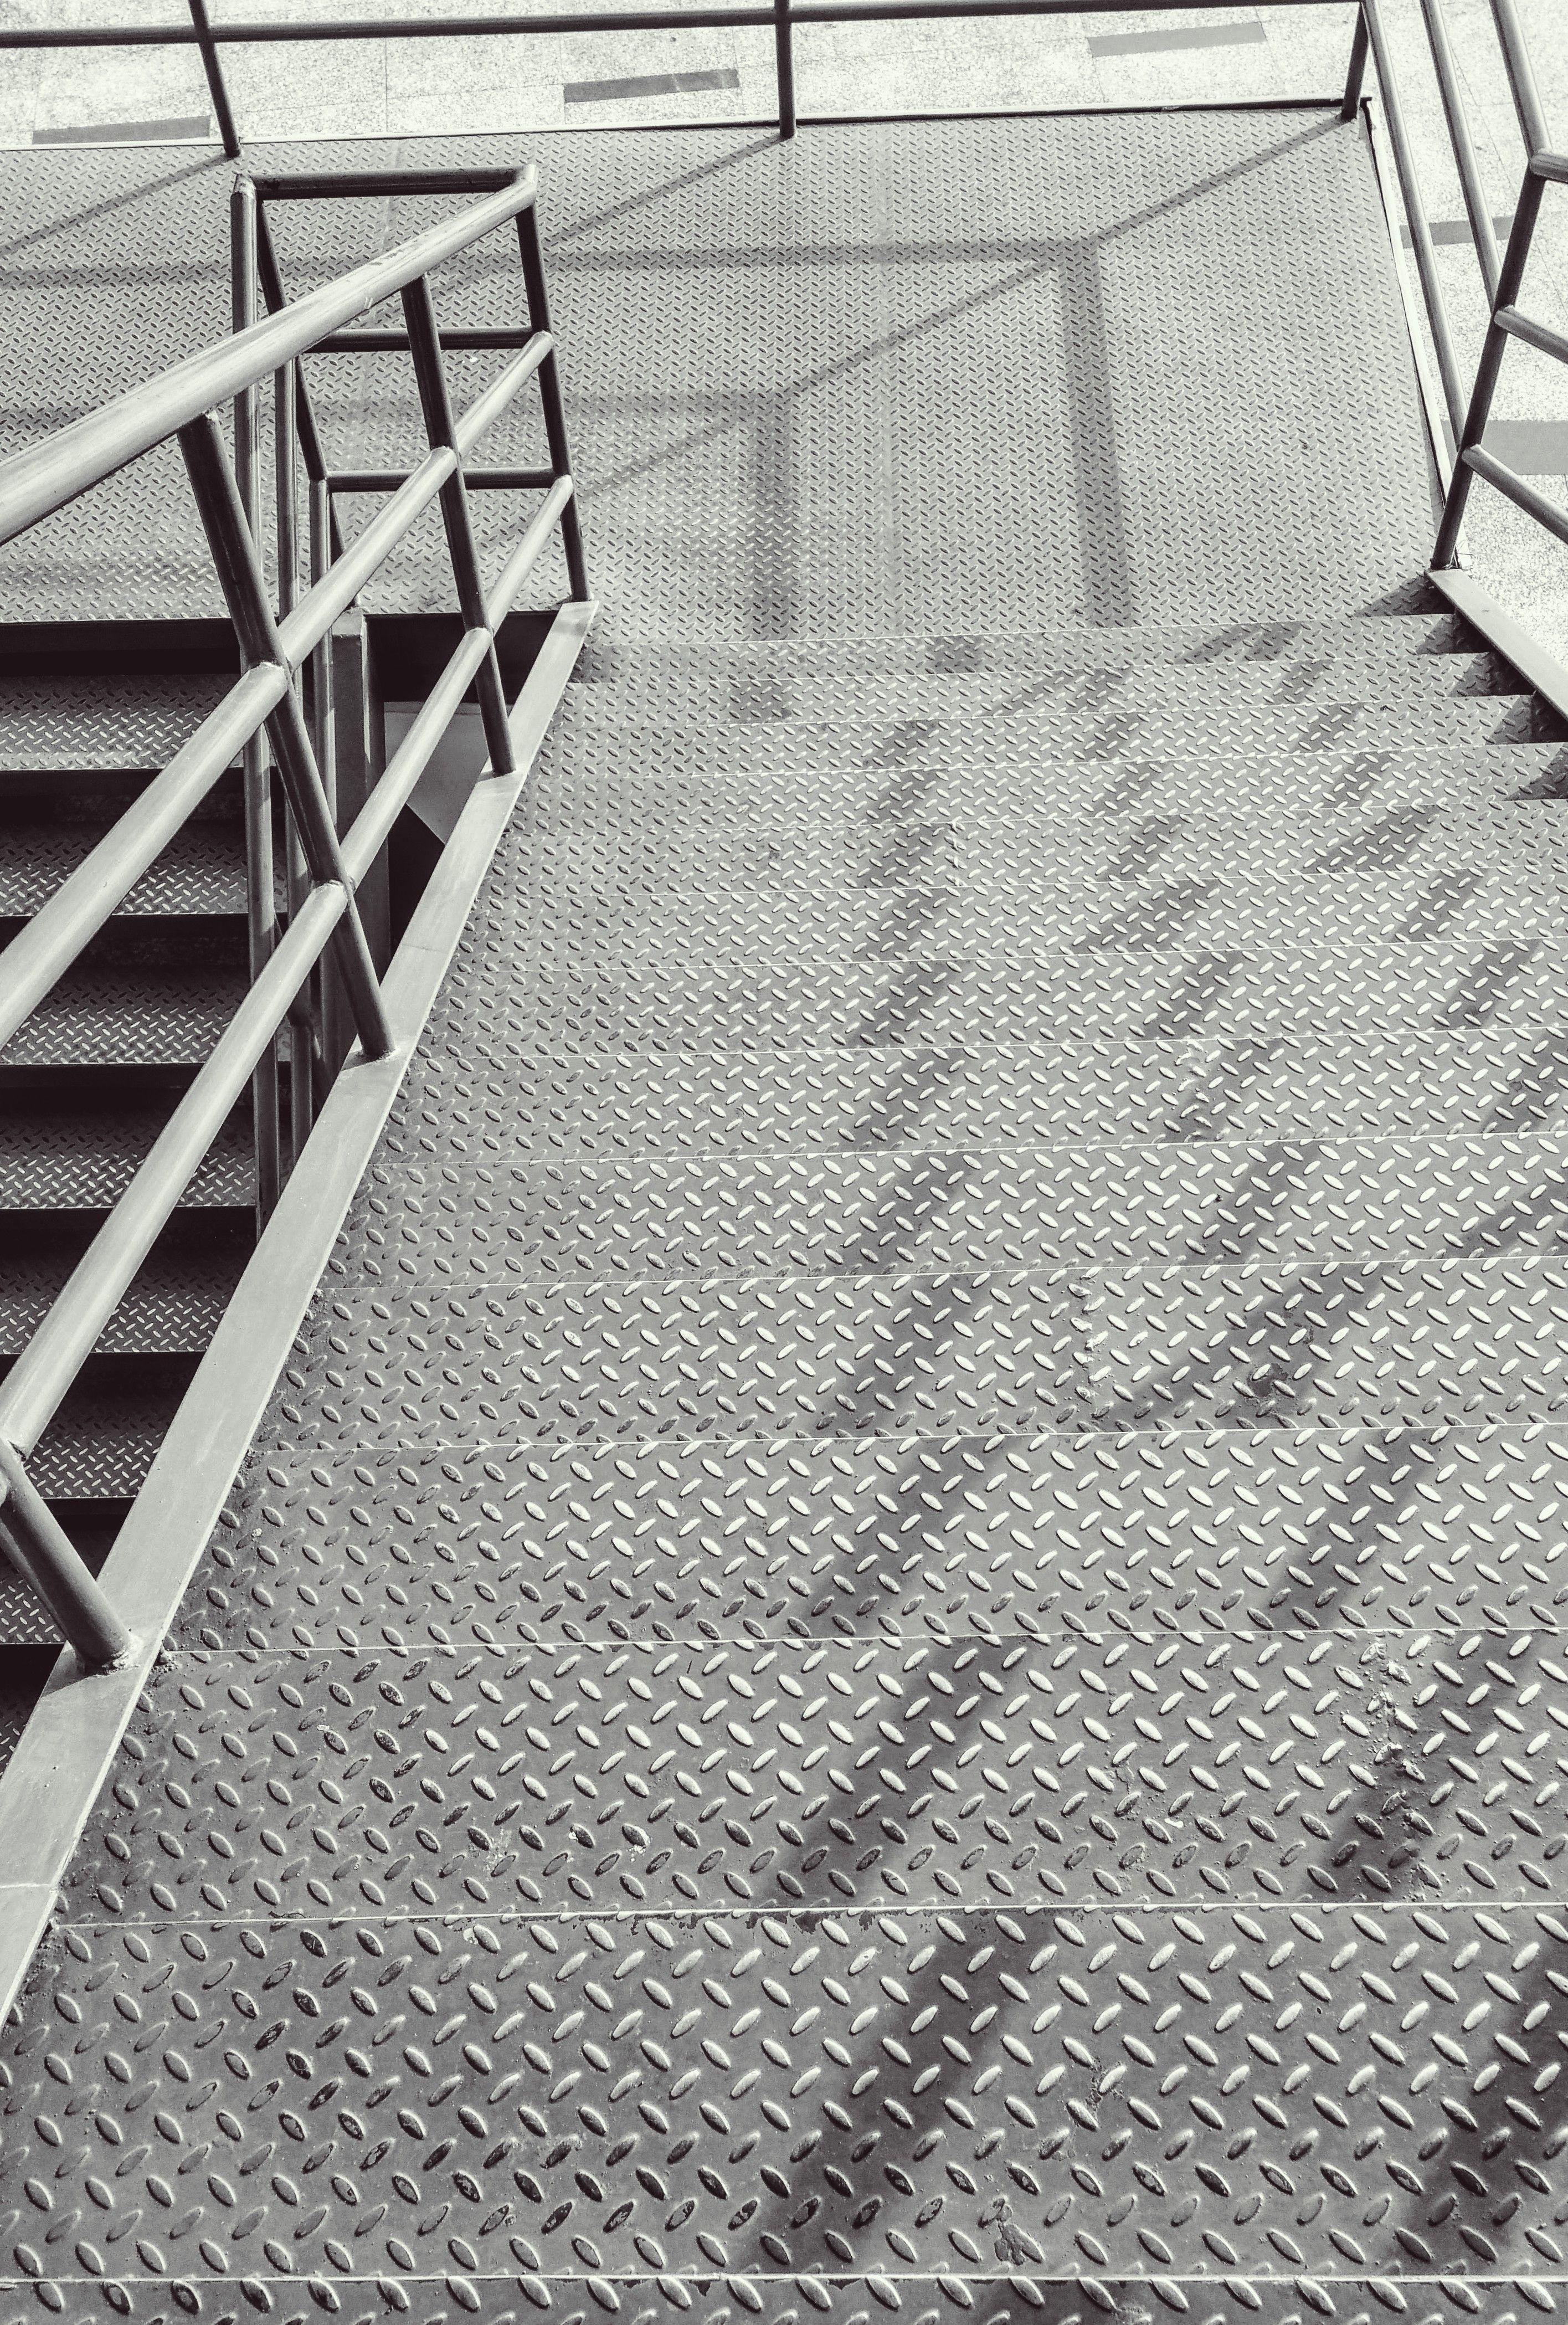 treppe: strukturbleche - trännenblech, warzenblech, riffelblech